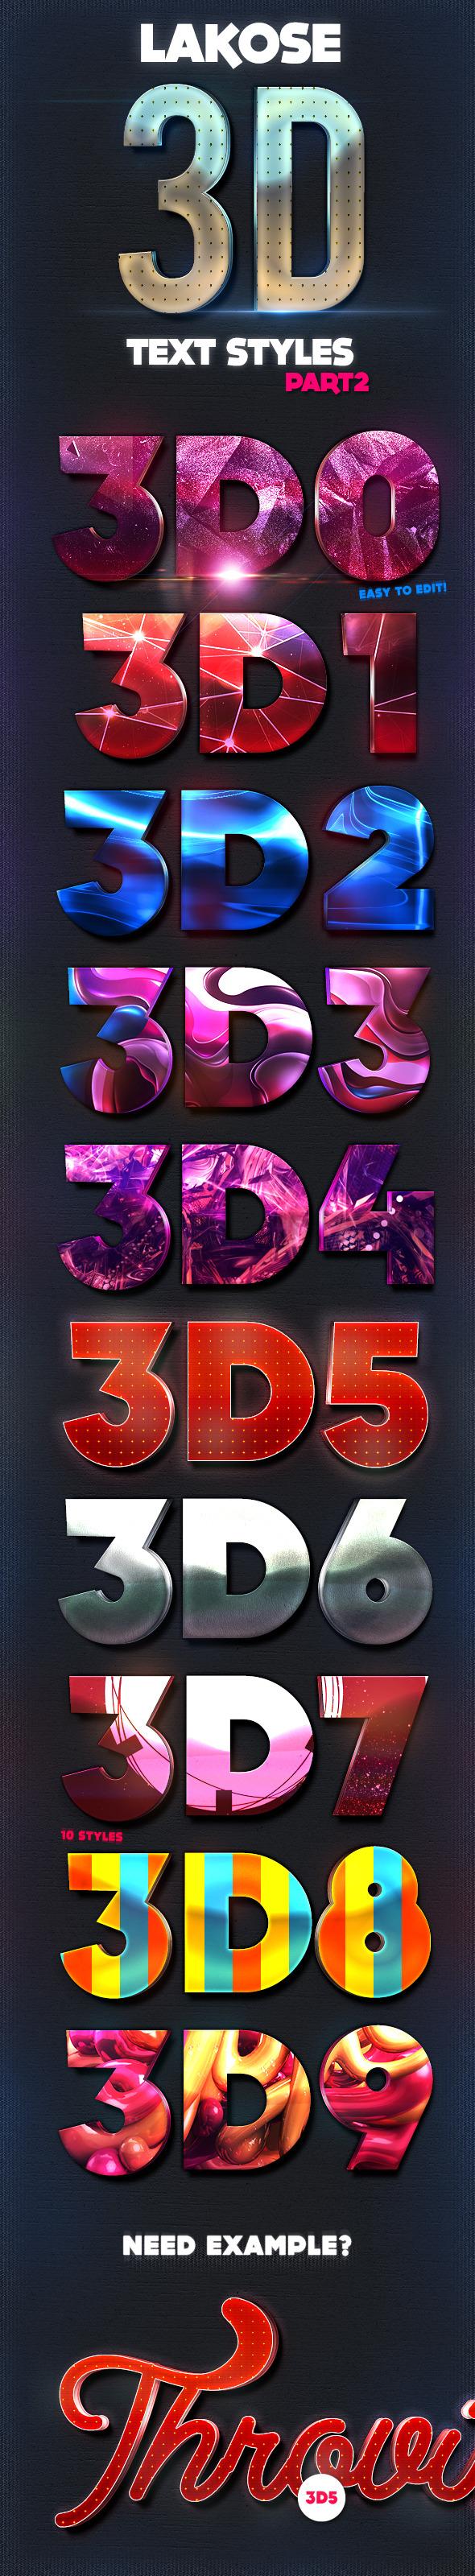 Lakose 3D Text Styles Part 2